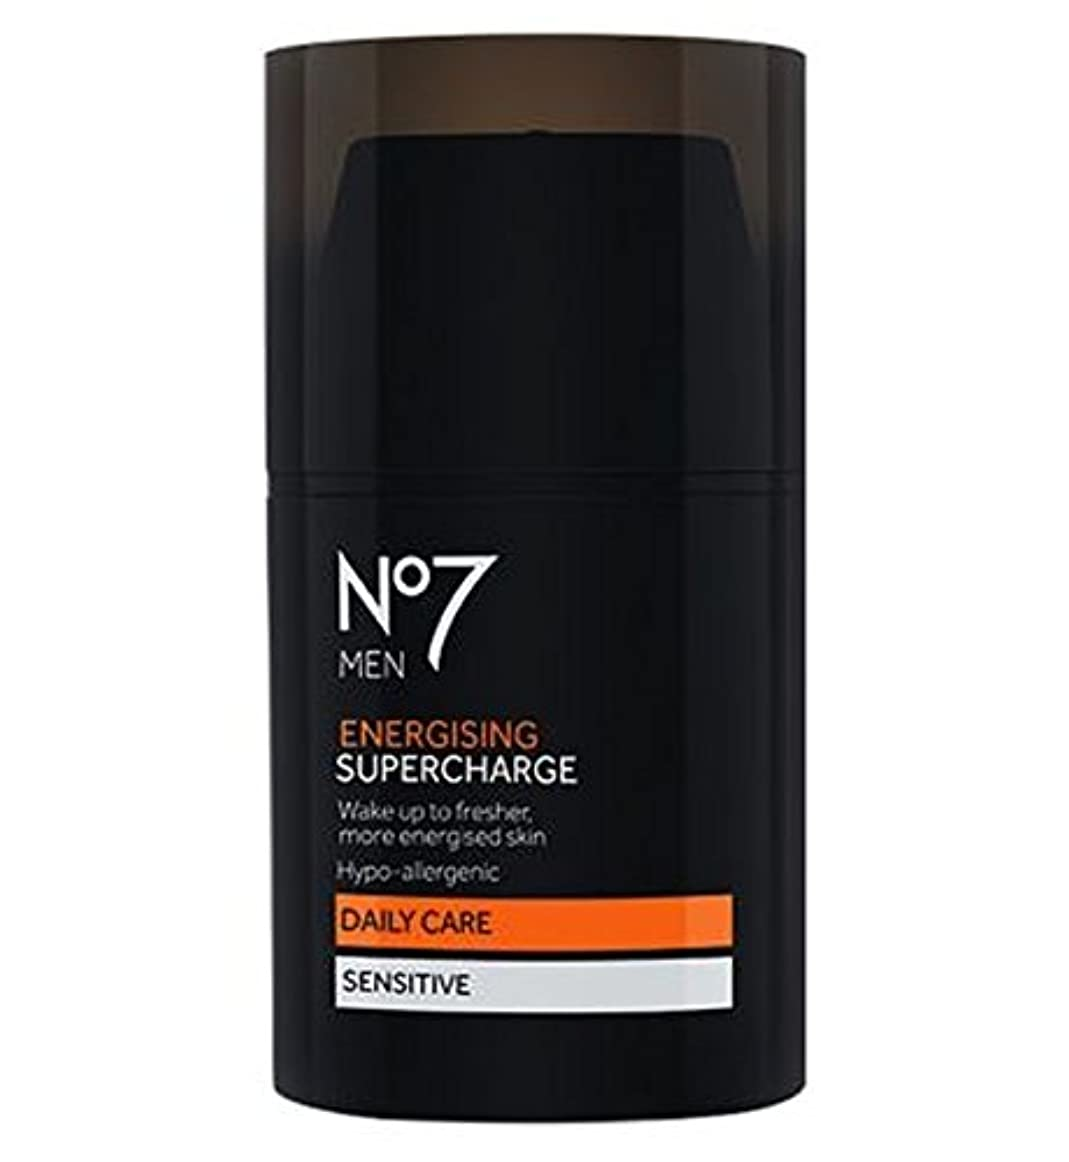 昆虫変形する逆にNo7 Men Energising Supercharge - 過給を通電No7の男性 (No7) [並行輸入品]